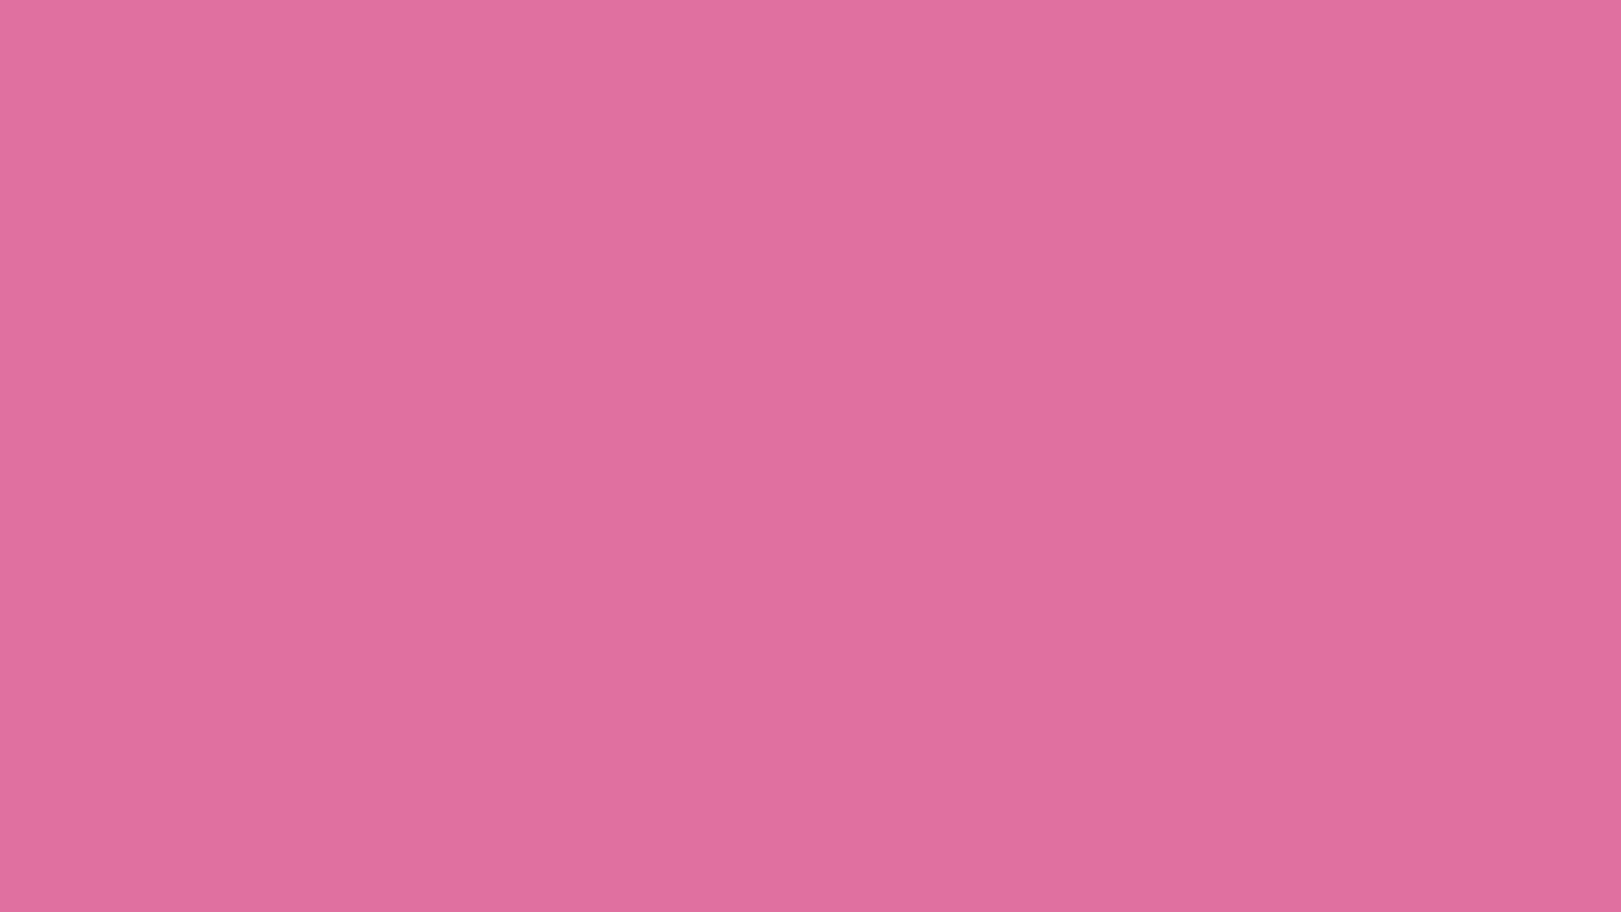 PNGとSVGの  スタイルの ピンク ベクターイメージ | Icons8 イラスト